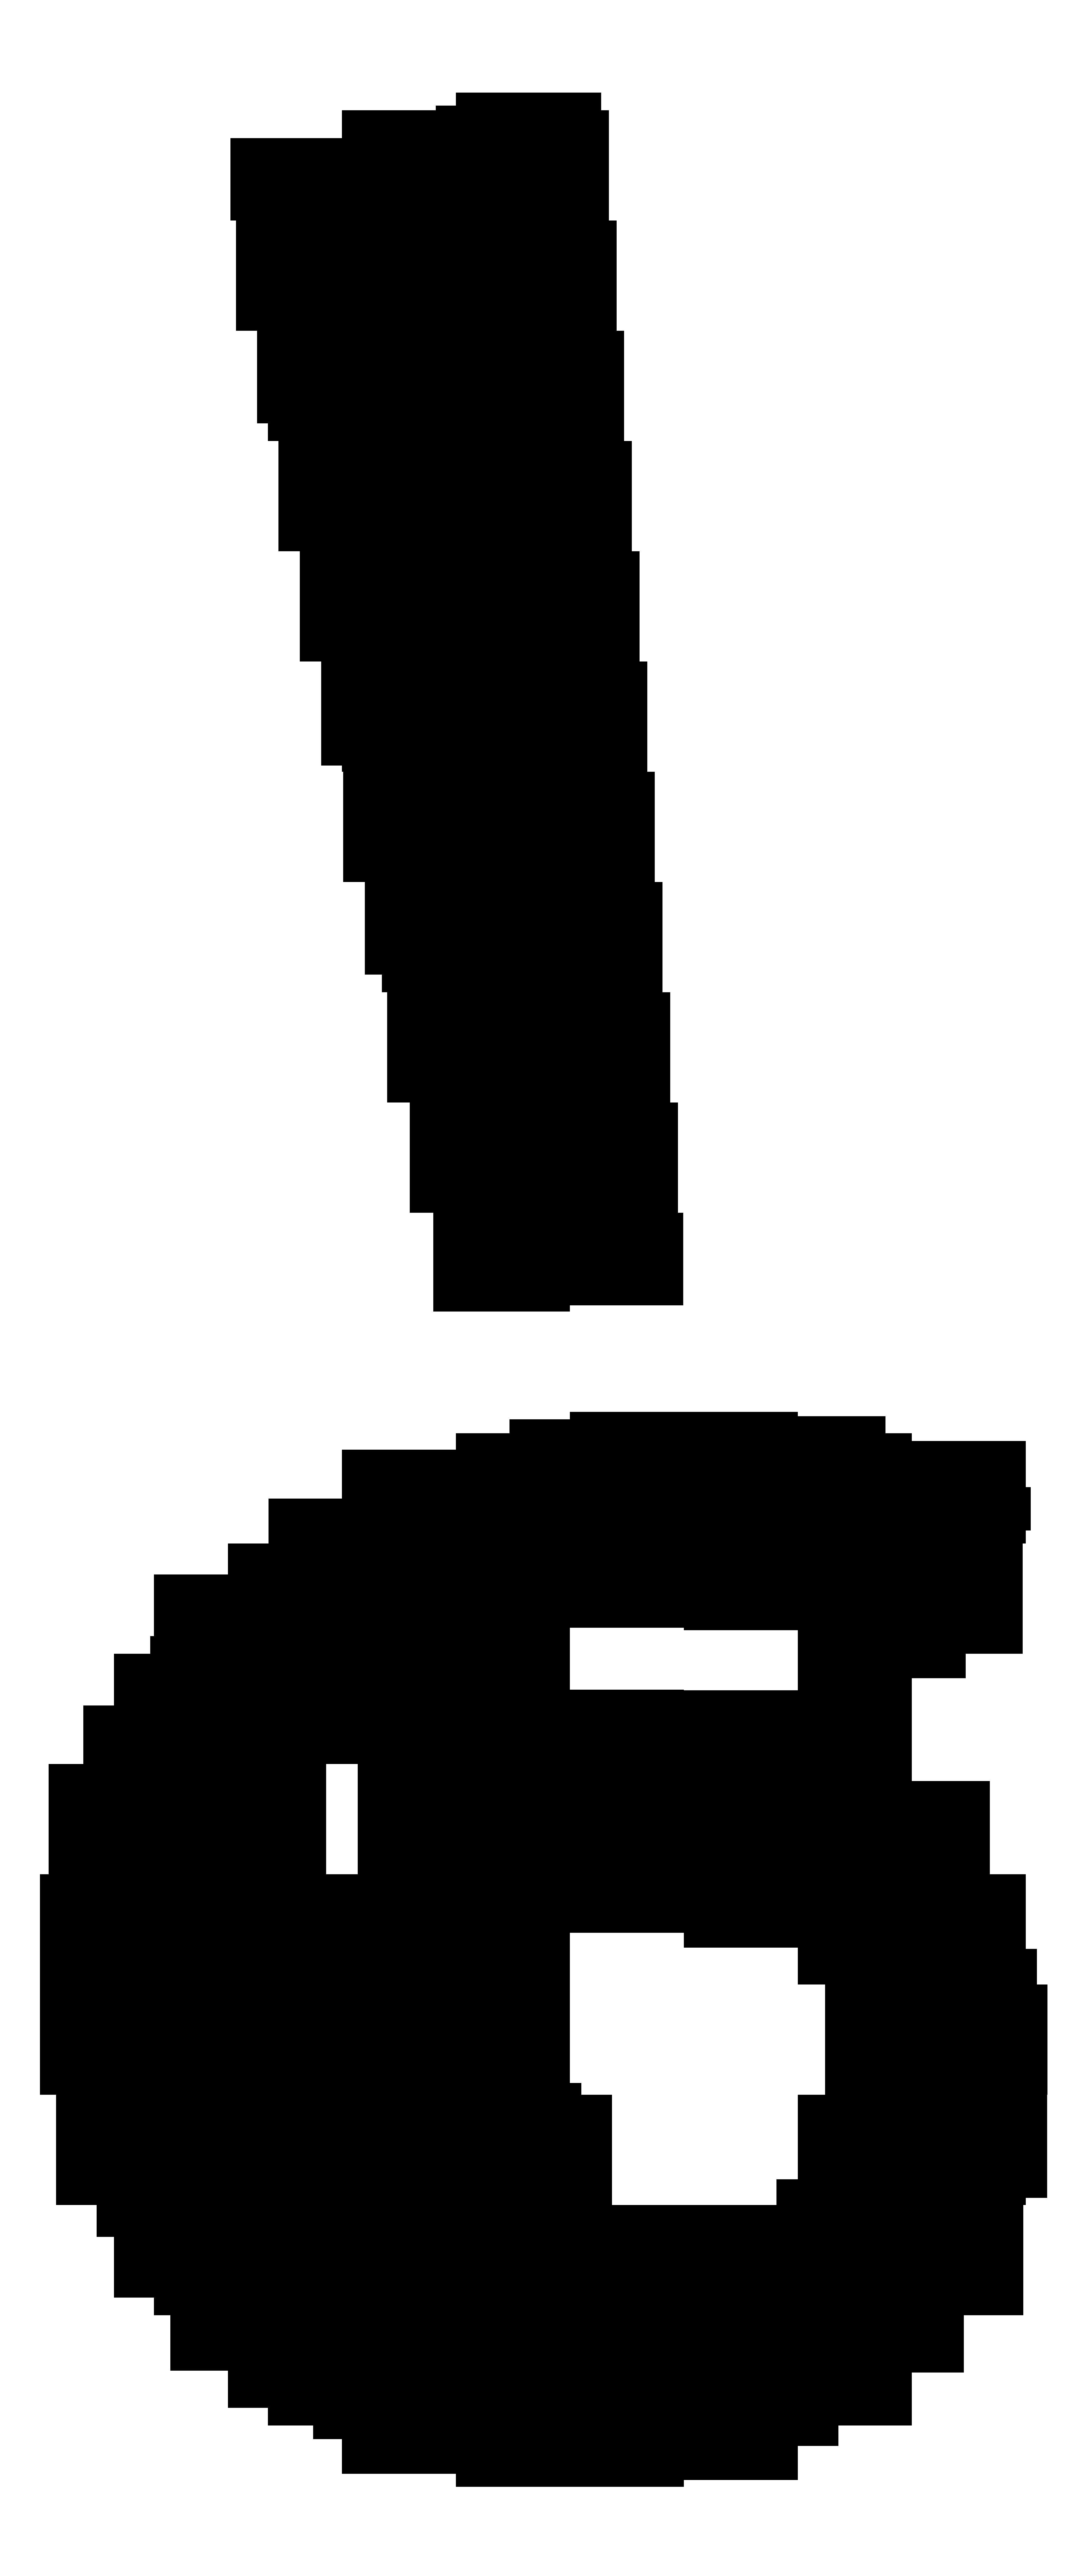 80b306cb-9c29-4a38-a2fa-e4acd1d8ed7a